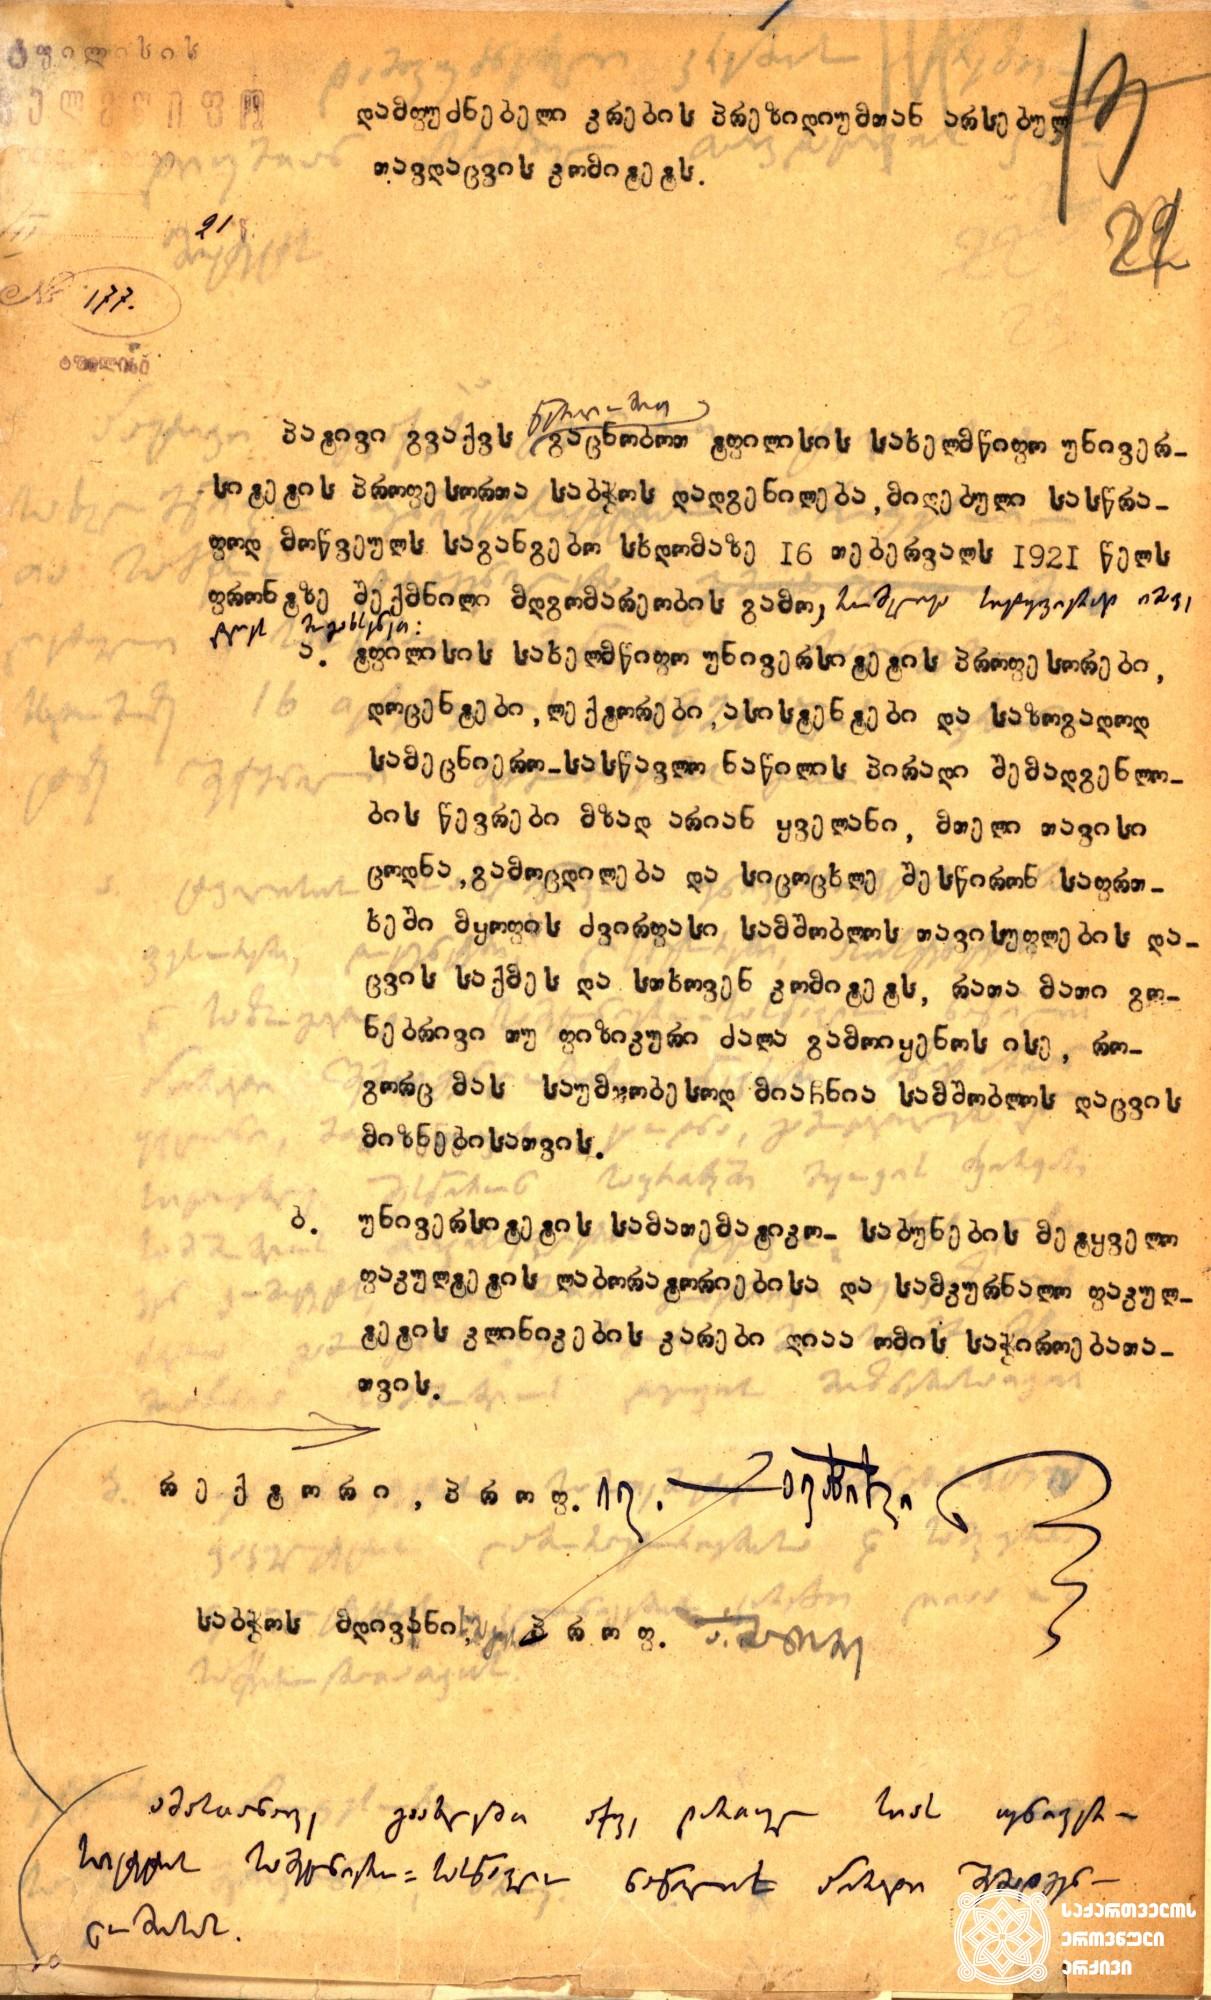 რუსეთ-საქართველოს ომის მიმდინარეობისას, 1921 წლის 16 თებერვალს, თბილისის სახელმწიფო უნივერსიტეტის რექტორ ივანე ჯავახიშვილის მიერ საქართველოს რესპუბლიკის დამფუძნებელი კრების პრეზიდიუმთან არსებული თავდაცვის კომიტეტისადმი გაგზავნილი წერილი. <br> Letter of Tbilisi State University Rector Ivane Javakhishvili sent to the Defense Committee of the presidium of the Constituent Assembly of Georgia, during the Russian-Georgian War, on February 16, 1921. <br>